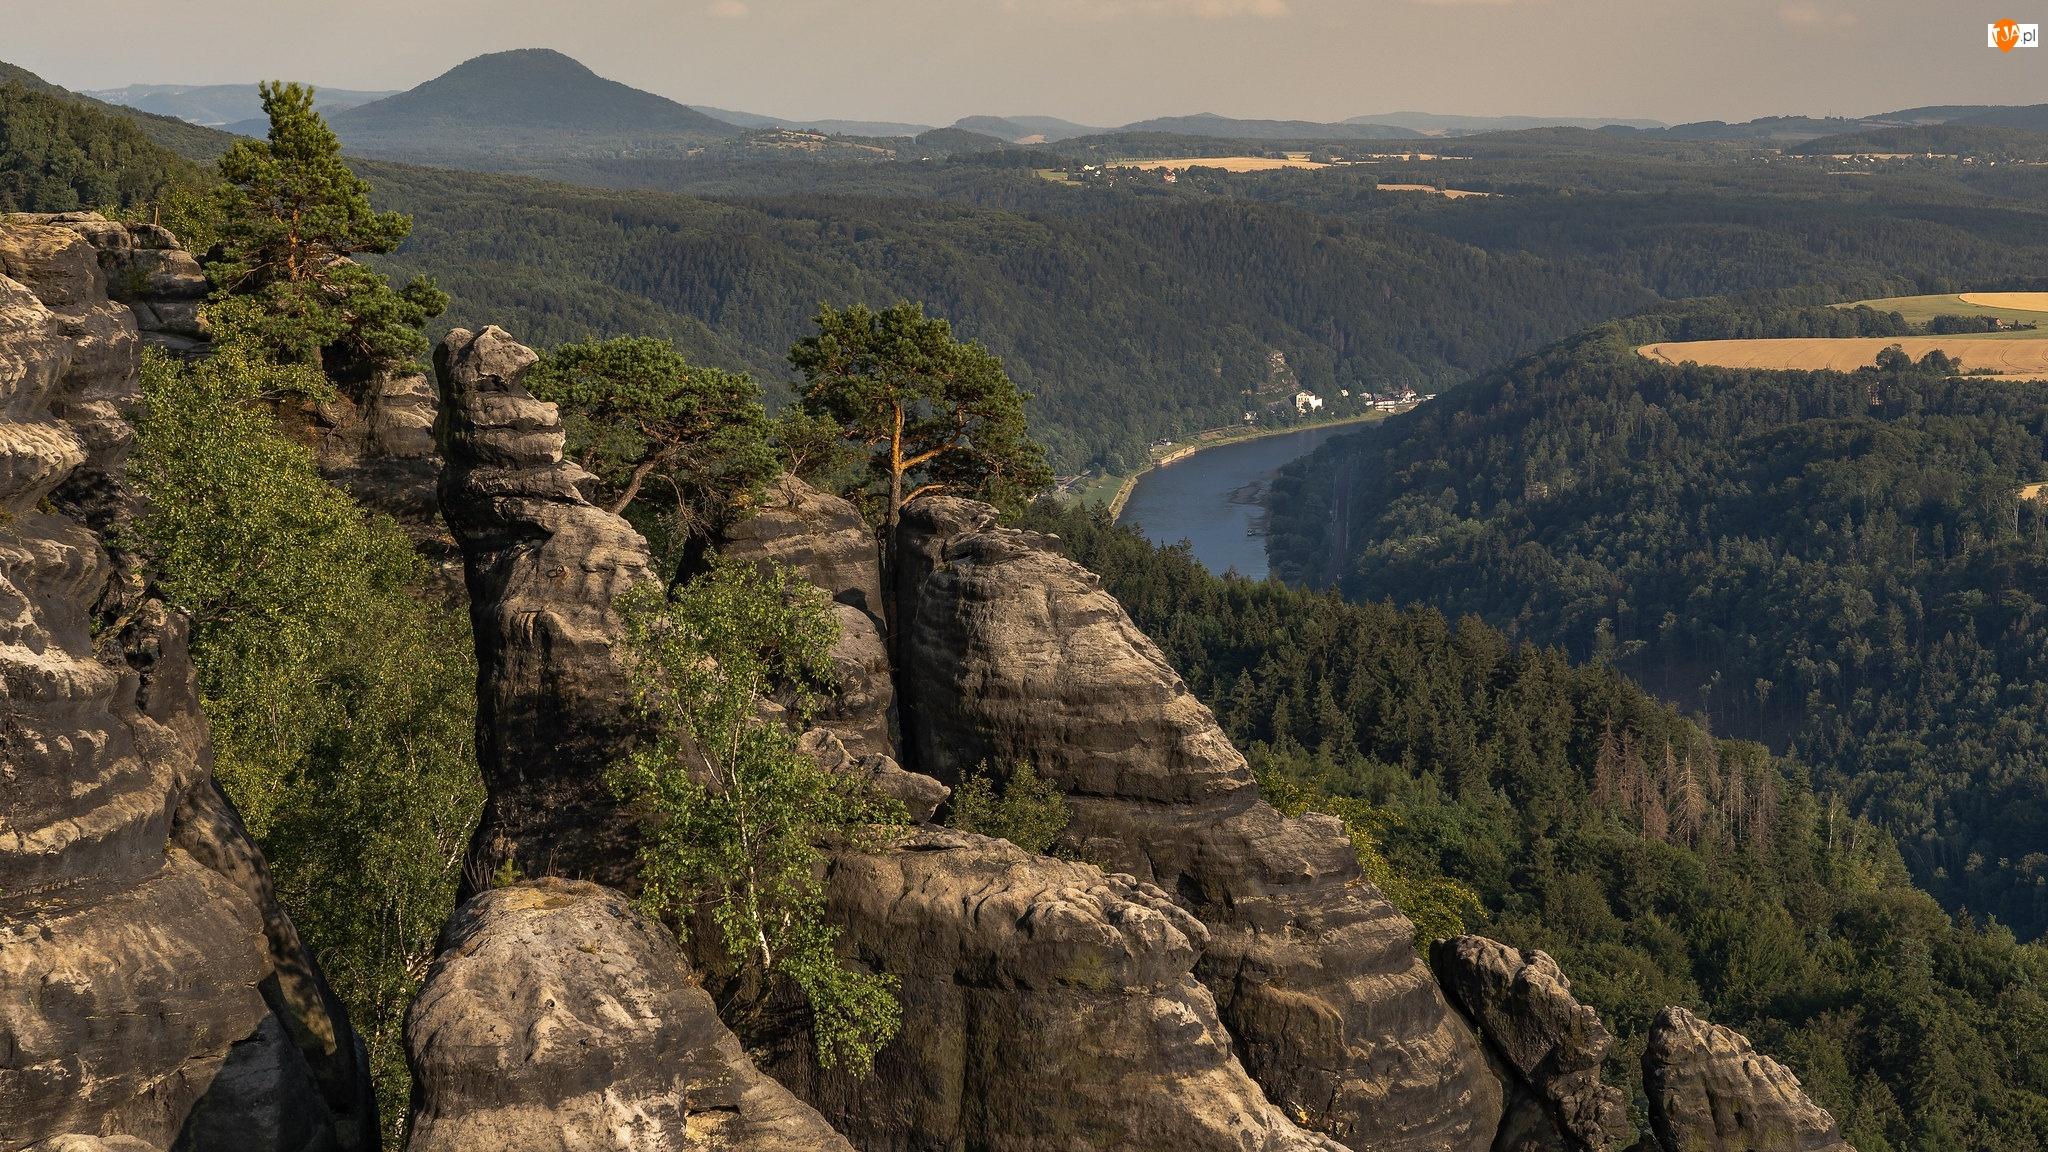 Drzewa, Skały, Rzeka Łaba, Niemcy, Park Narodowy Saskiej Szwajcarii, Góry Połabskie